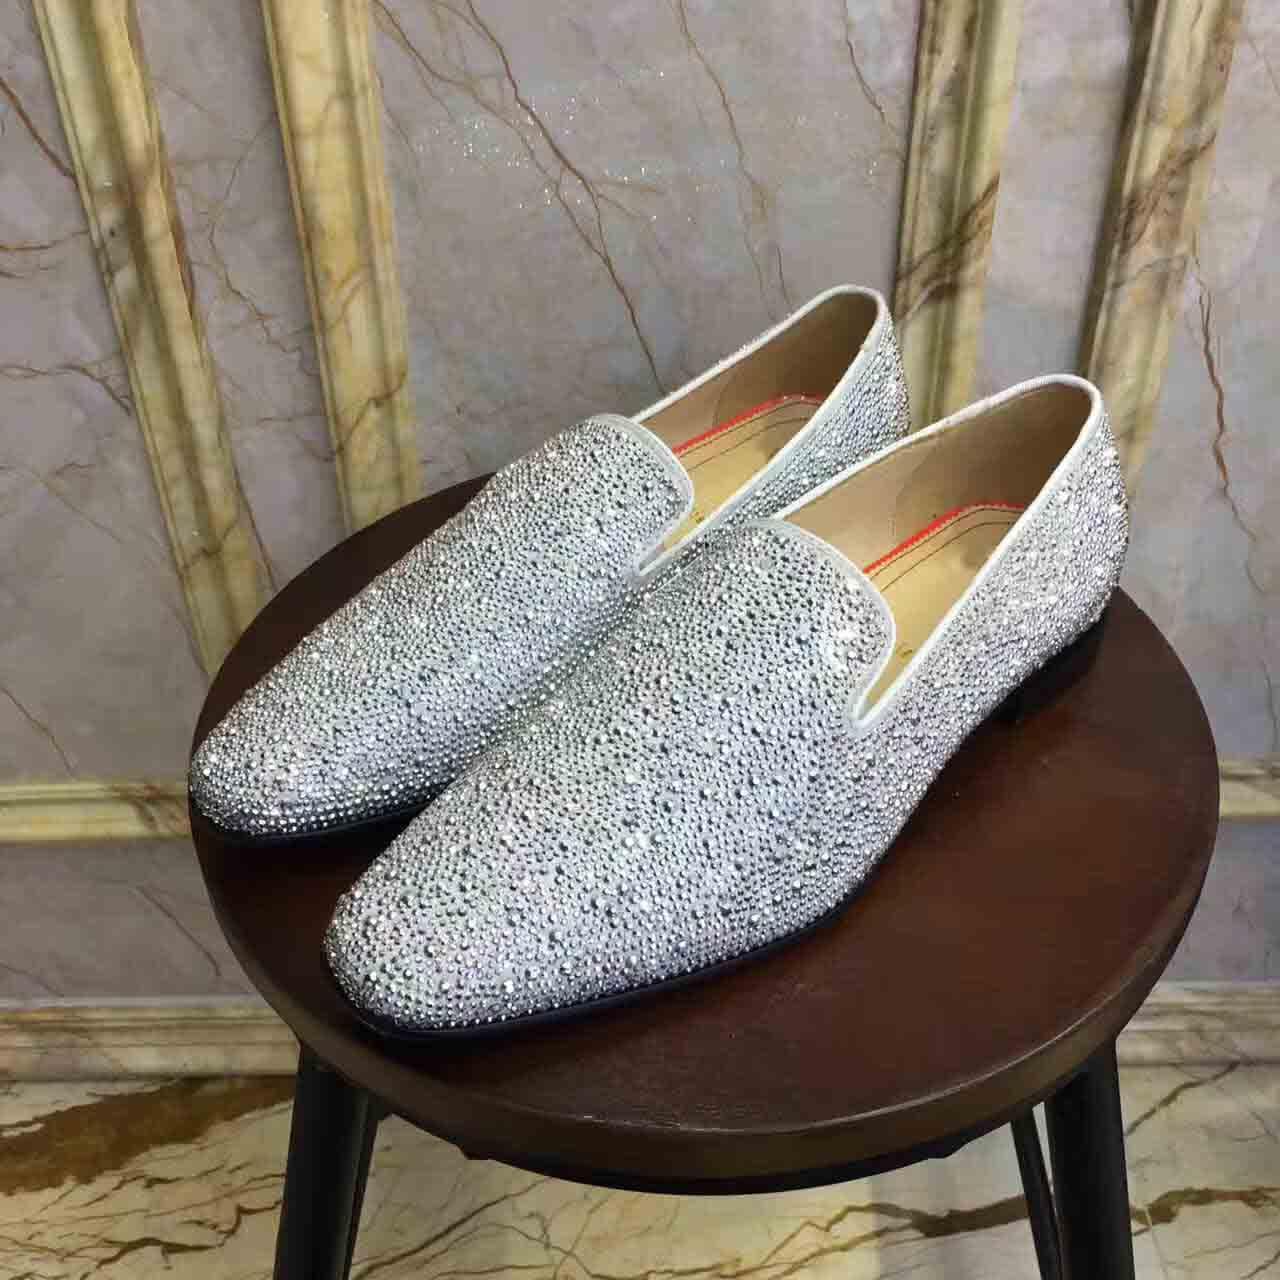 Diamantes Moda Studs Red inferior Loafers Homens Flats Com Bling Rhinestone Glitter chinelo Sapatos de couro preto genuíno vestido de casamento com caixa